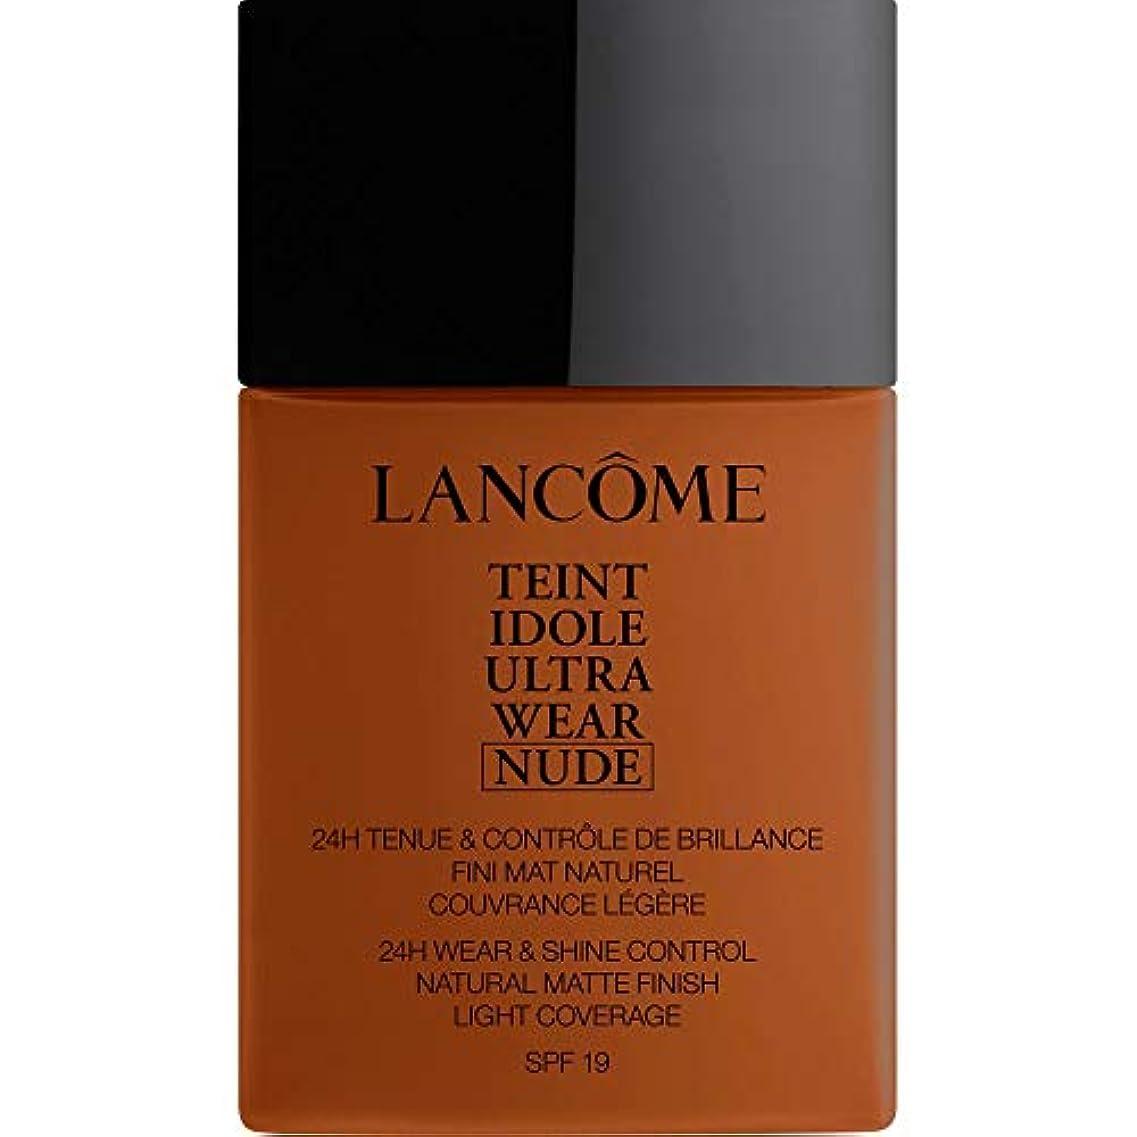 ブレーク野球可能[Lanc?me ] ランコムTeintのIdole超摩耗ヌード財団Spf19の40ミリリットル13.2 - ブラン - Lancome Teint Idole Ultra Wear Nude Foundation SPF19...